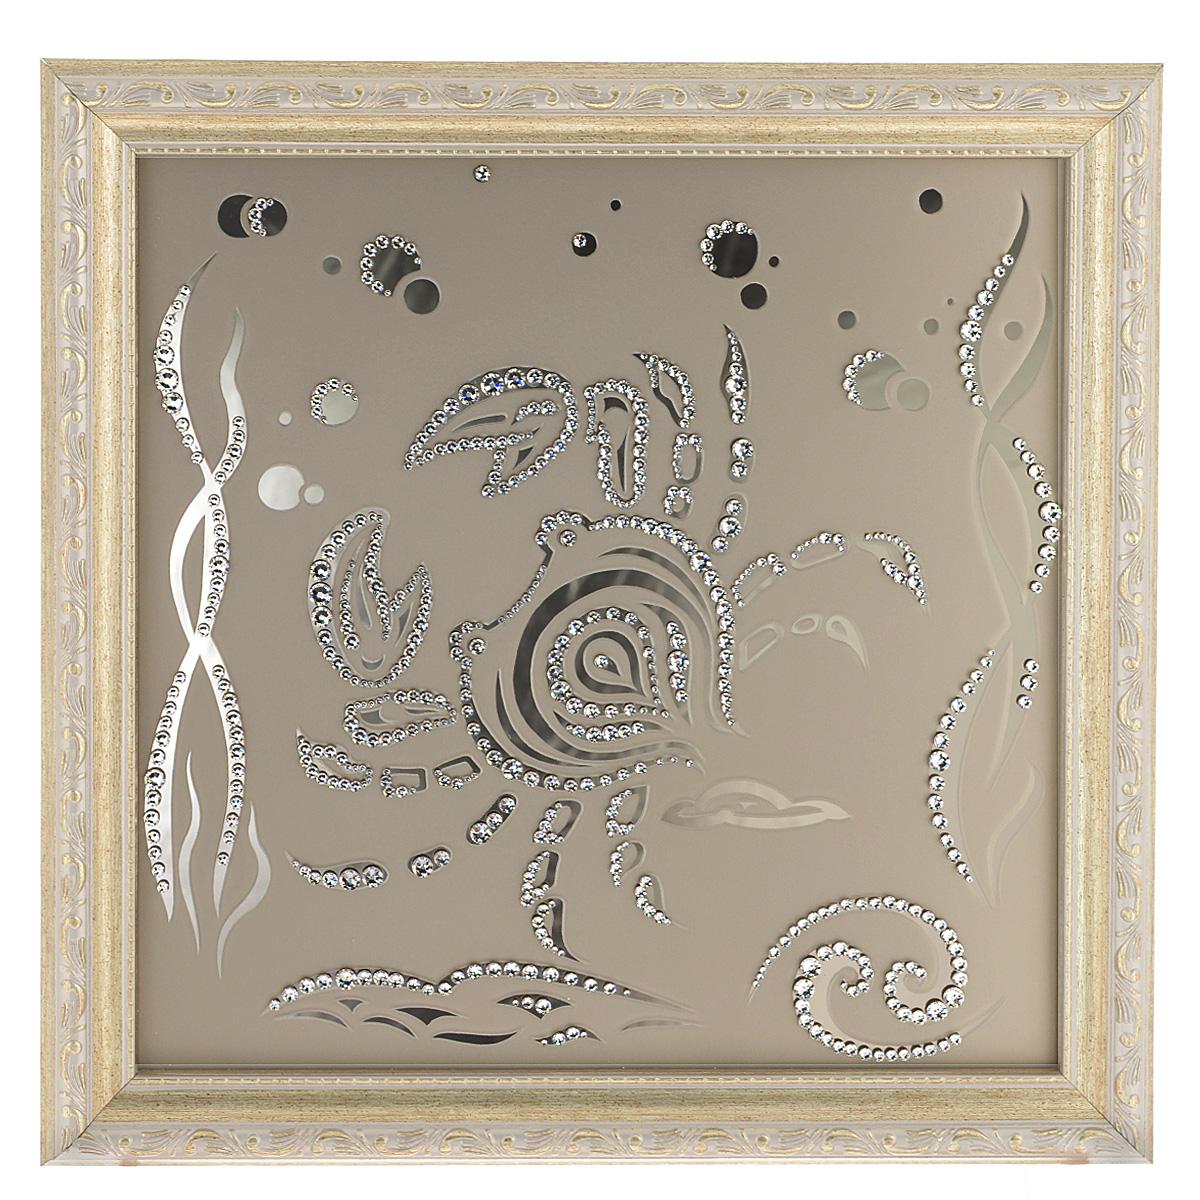 Картина с кристаллами Swarovski Знак зодиака. Рак, 35 х 35 смES-412Изящная картина в багетной раме Знак зодиака. Рак инкрустирована кристаллами Swarovski, которые отличаются четкой и ровной огранкой, ярким блеском и чистотой цвета. Идеально подобранная палитра кристаллов прекрасно дополняет картину. С задней стороны изделие оснащено проволокой для размещения на стене. Картина с кристаллами Swarovski элегантно украсит интерьер дома, а также станет прекрасным подарком, который обязательно понравится получателю. Блеск кристаллов в интерьере - что может быть сказочнее и удивительнее. Изделие упаковано в подарочную картонную коробку синего цвета и комплектуется сертификатом соответствия Swarovski.